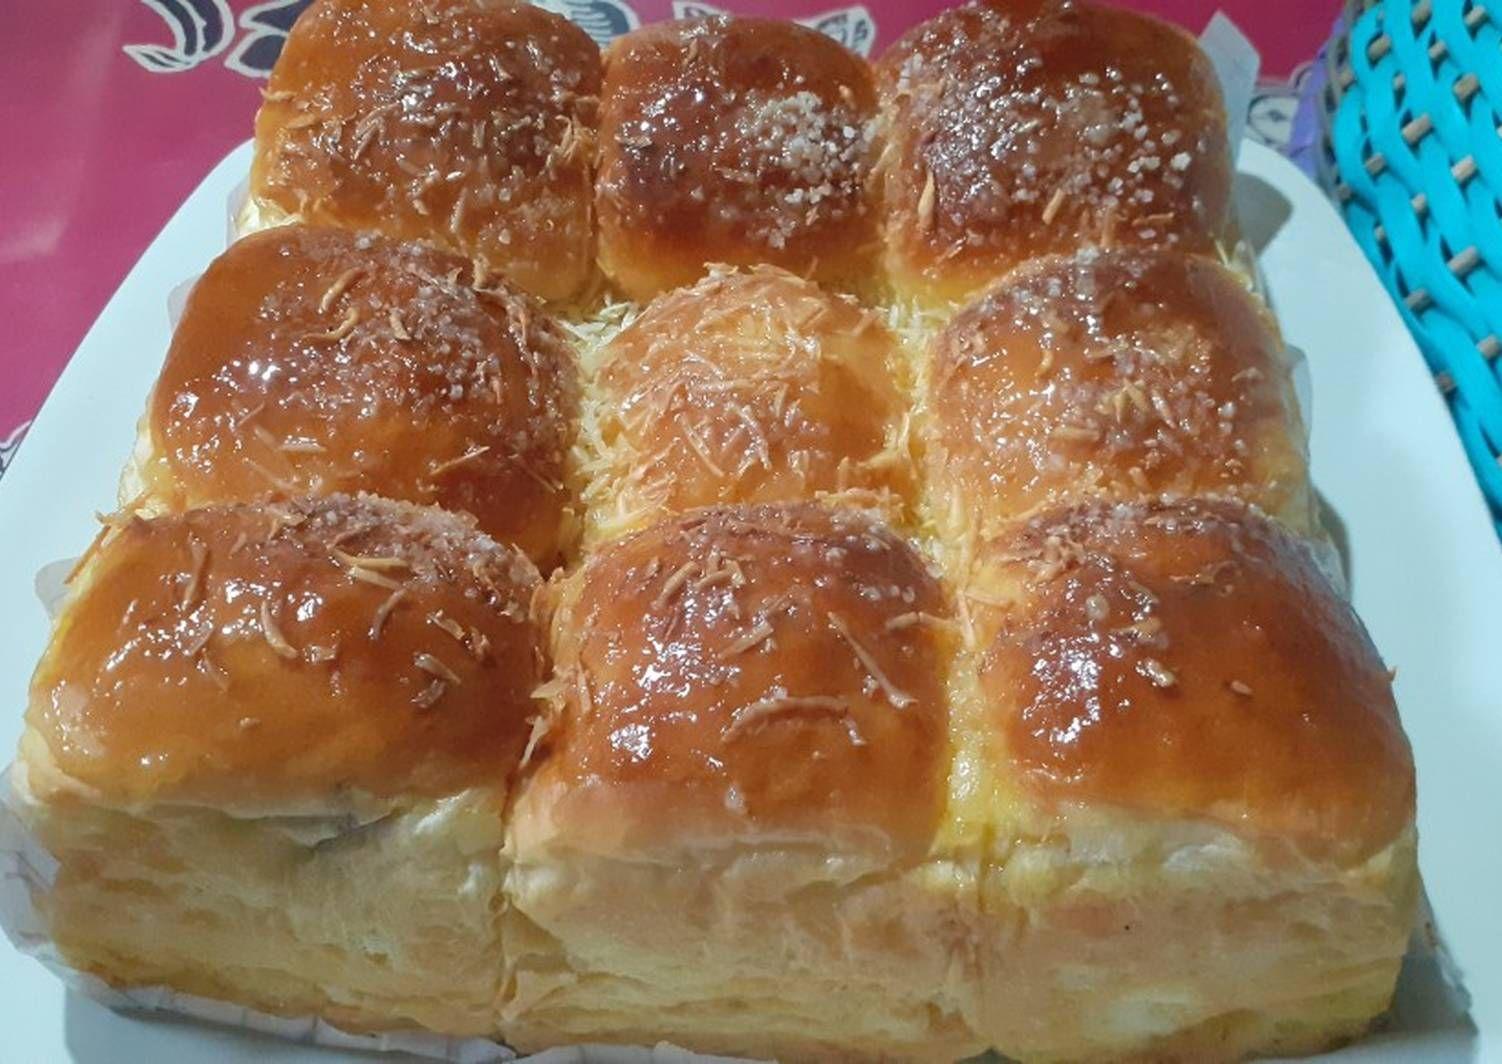 Resep Roti Sobek 1 Telur Super Lembut Dan Enak Banget Oleh Ny Vhiabeo Resep Di 2020 Rotis Resep Roti Resep